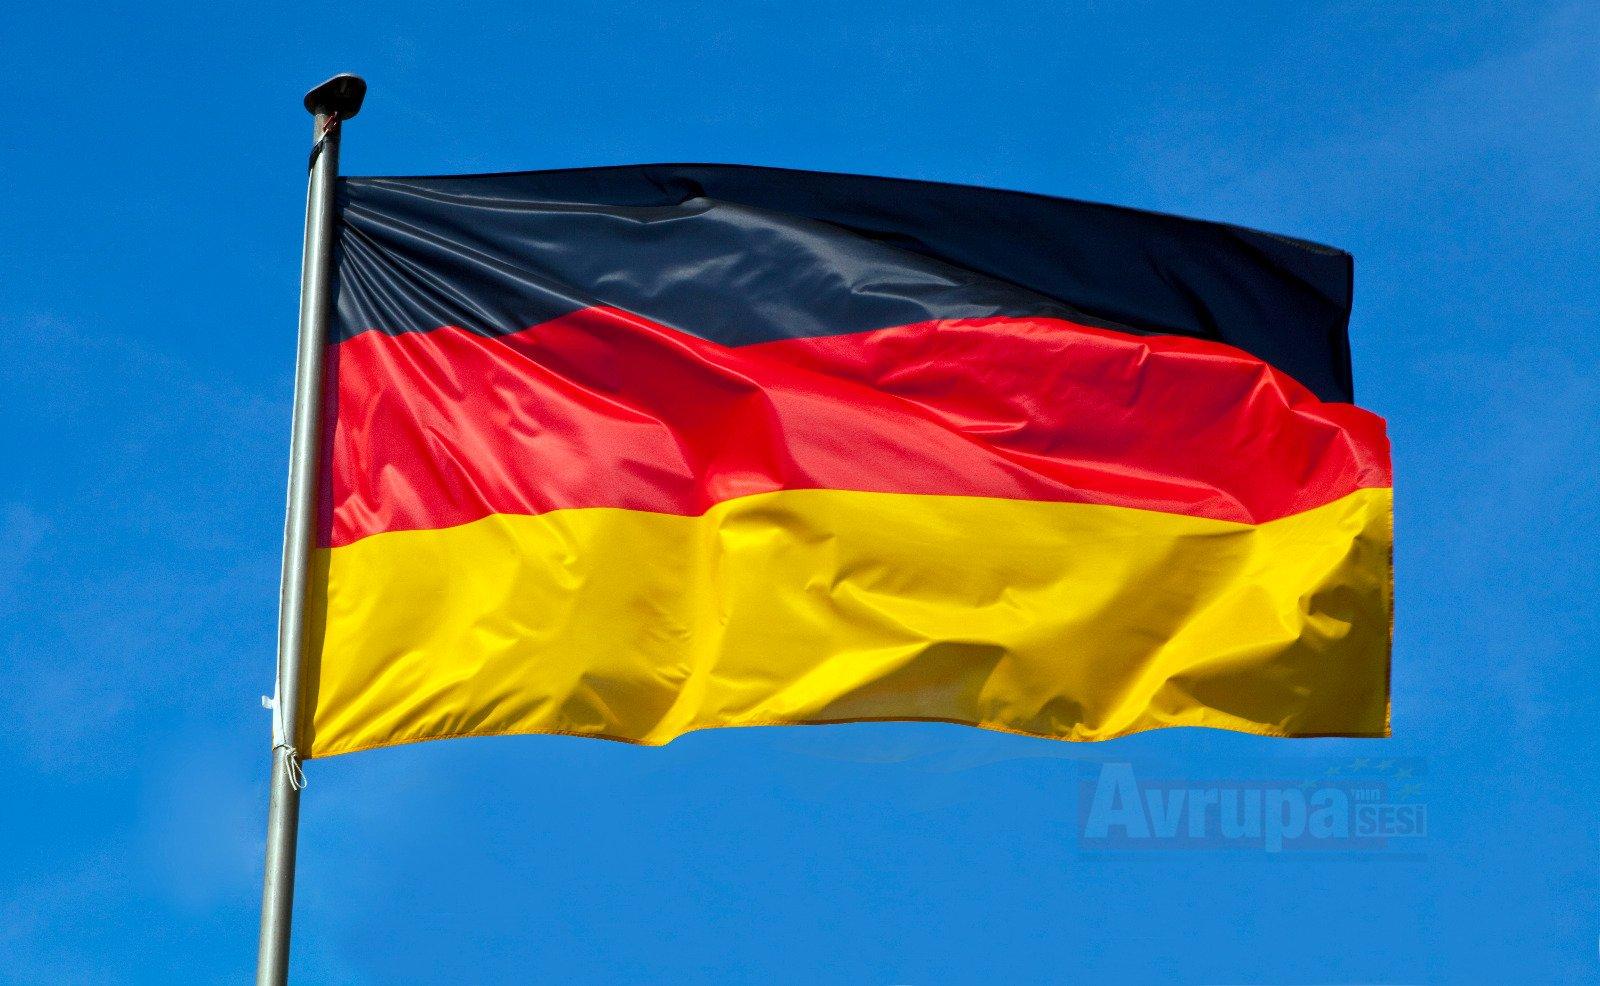 Almanya'da enflasyon gittikce artıyor